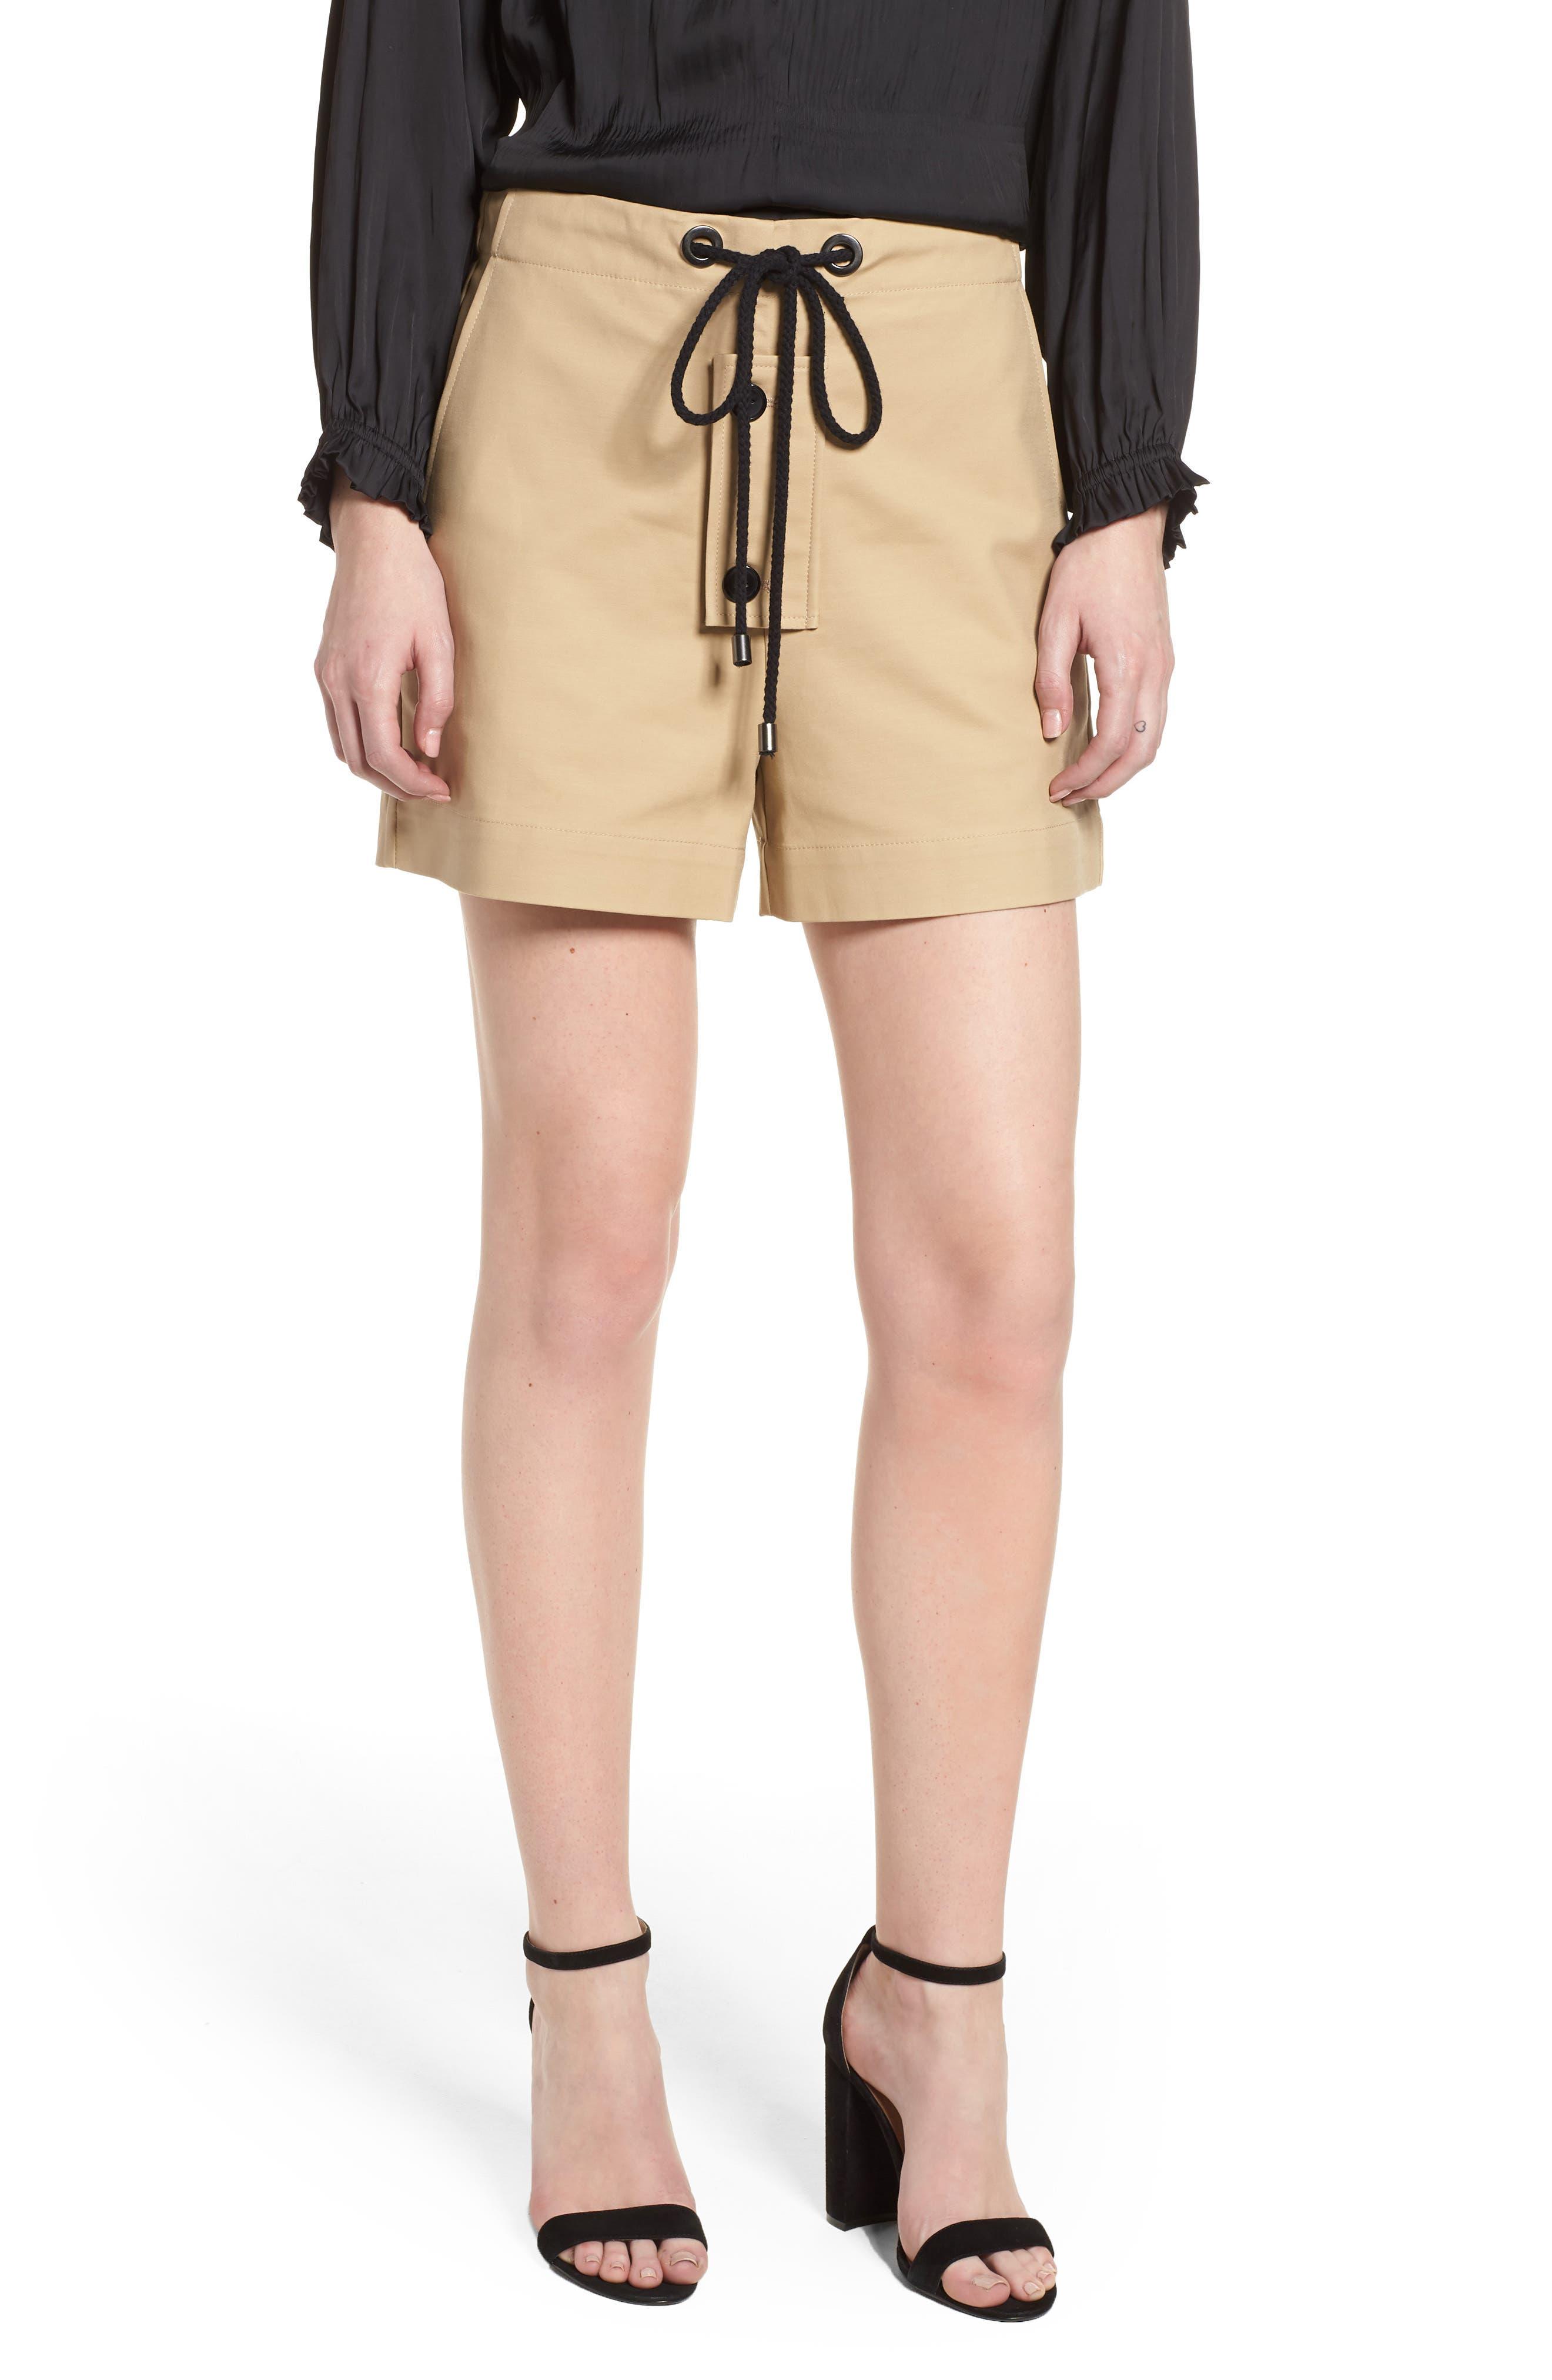 Park South Shorts,                         Main,                         color, Beige